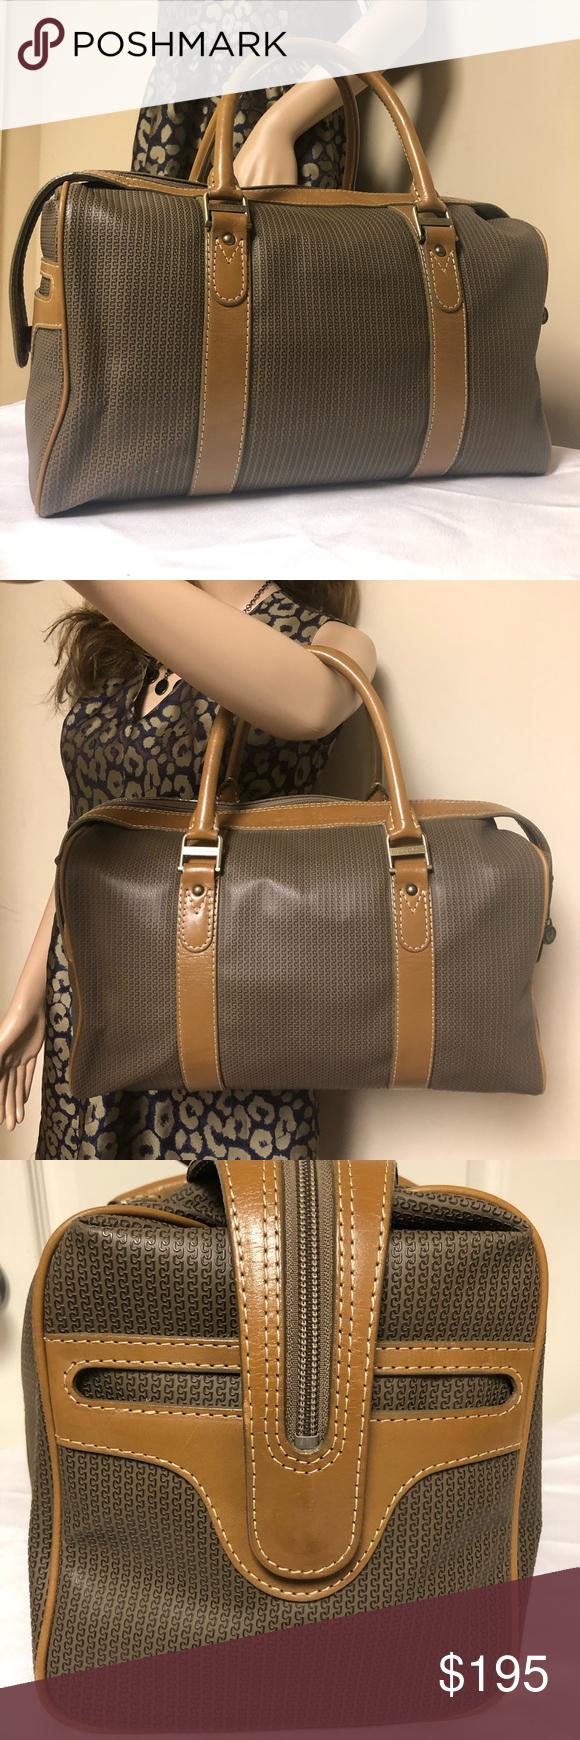 Charles Jourdan Paris Actif Large Vintage Handbag Charles Jourdan Vintage Handbags Handbag